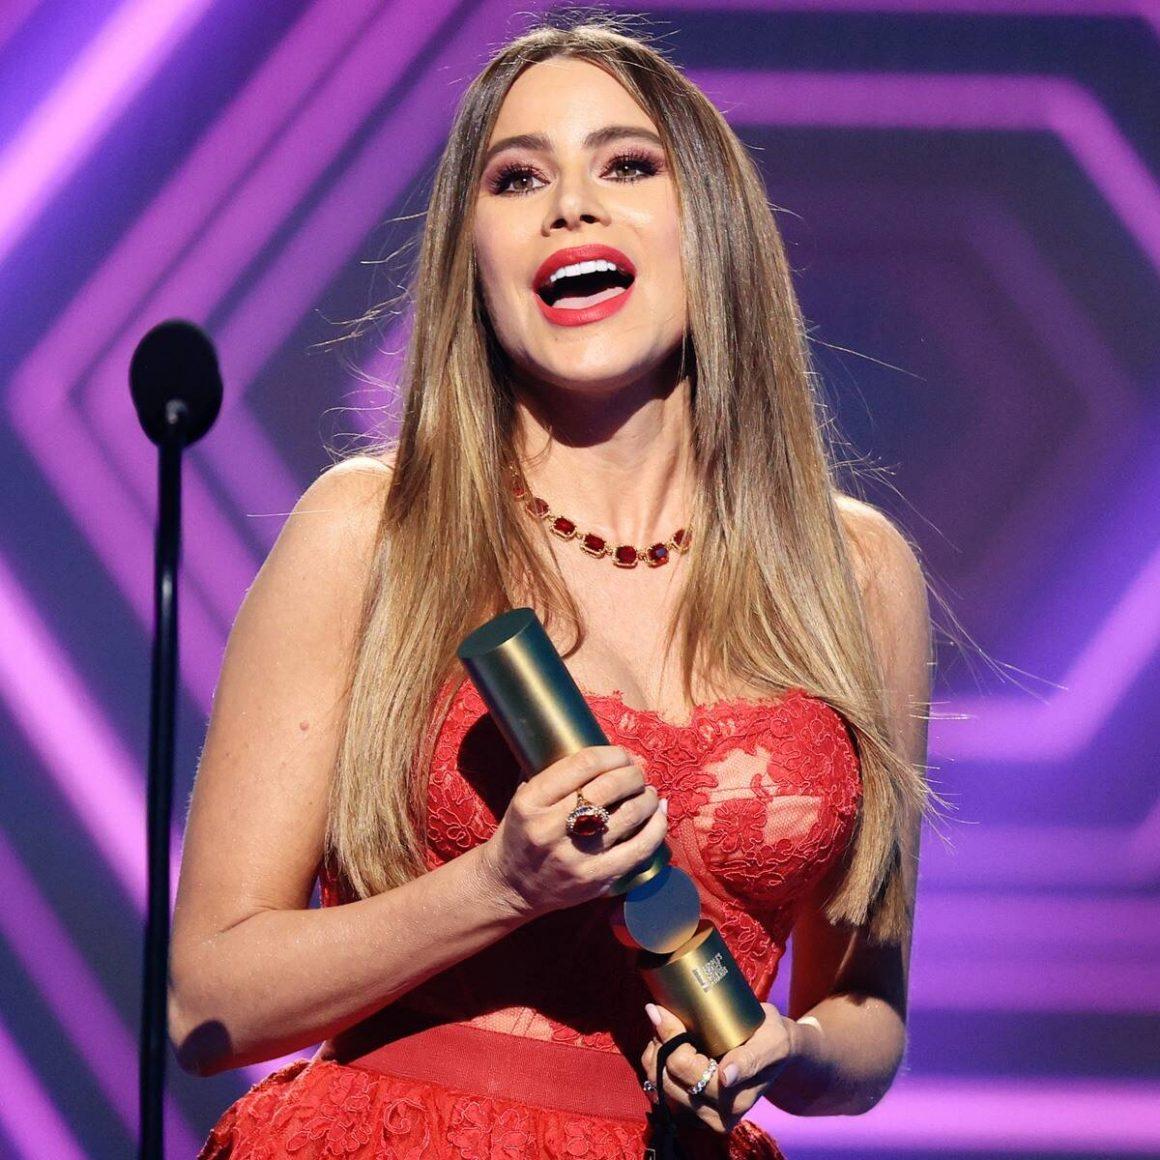 Sofia vergara people's choice awards